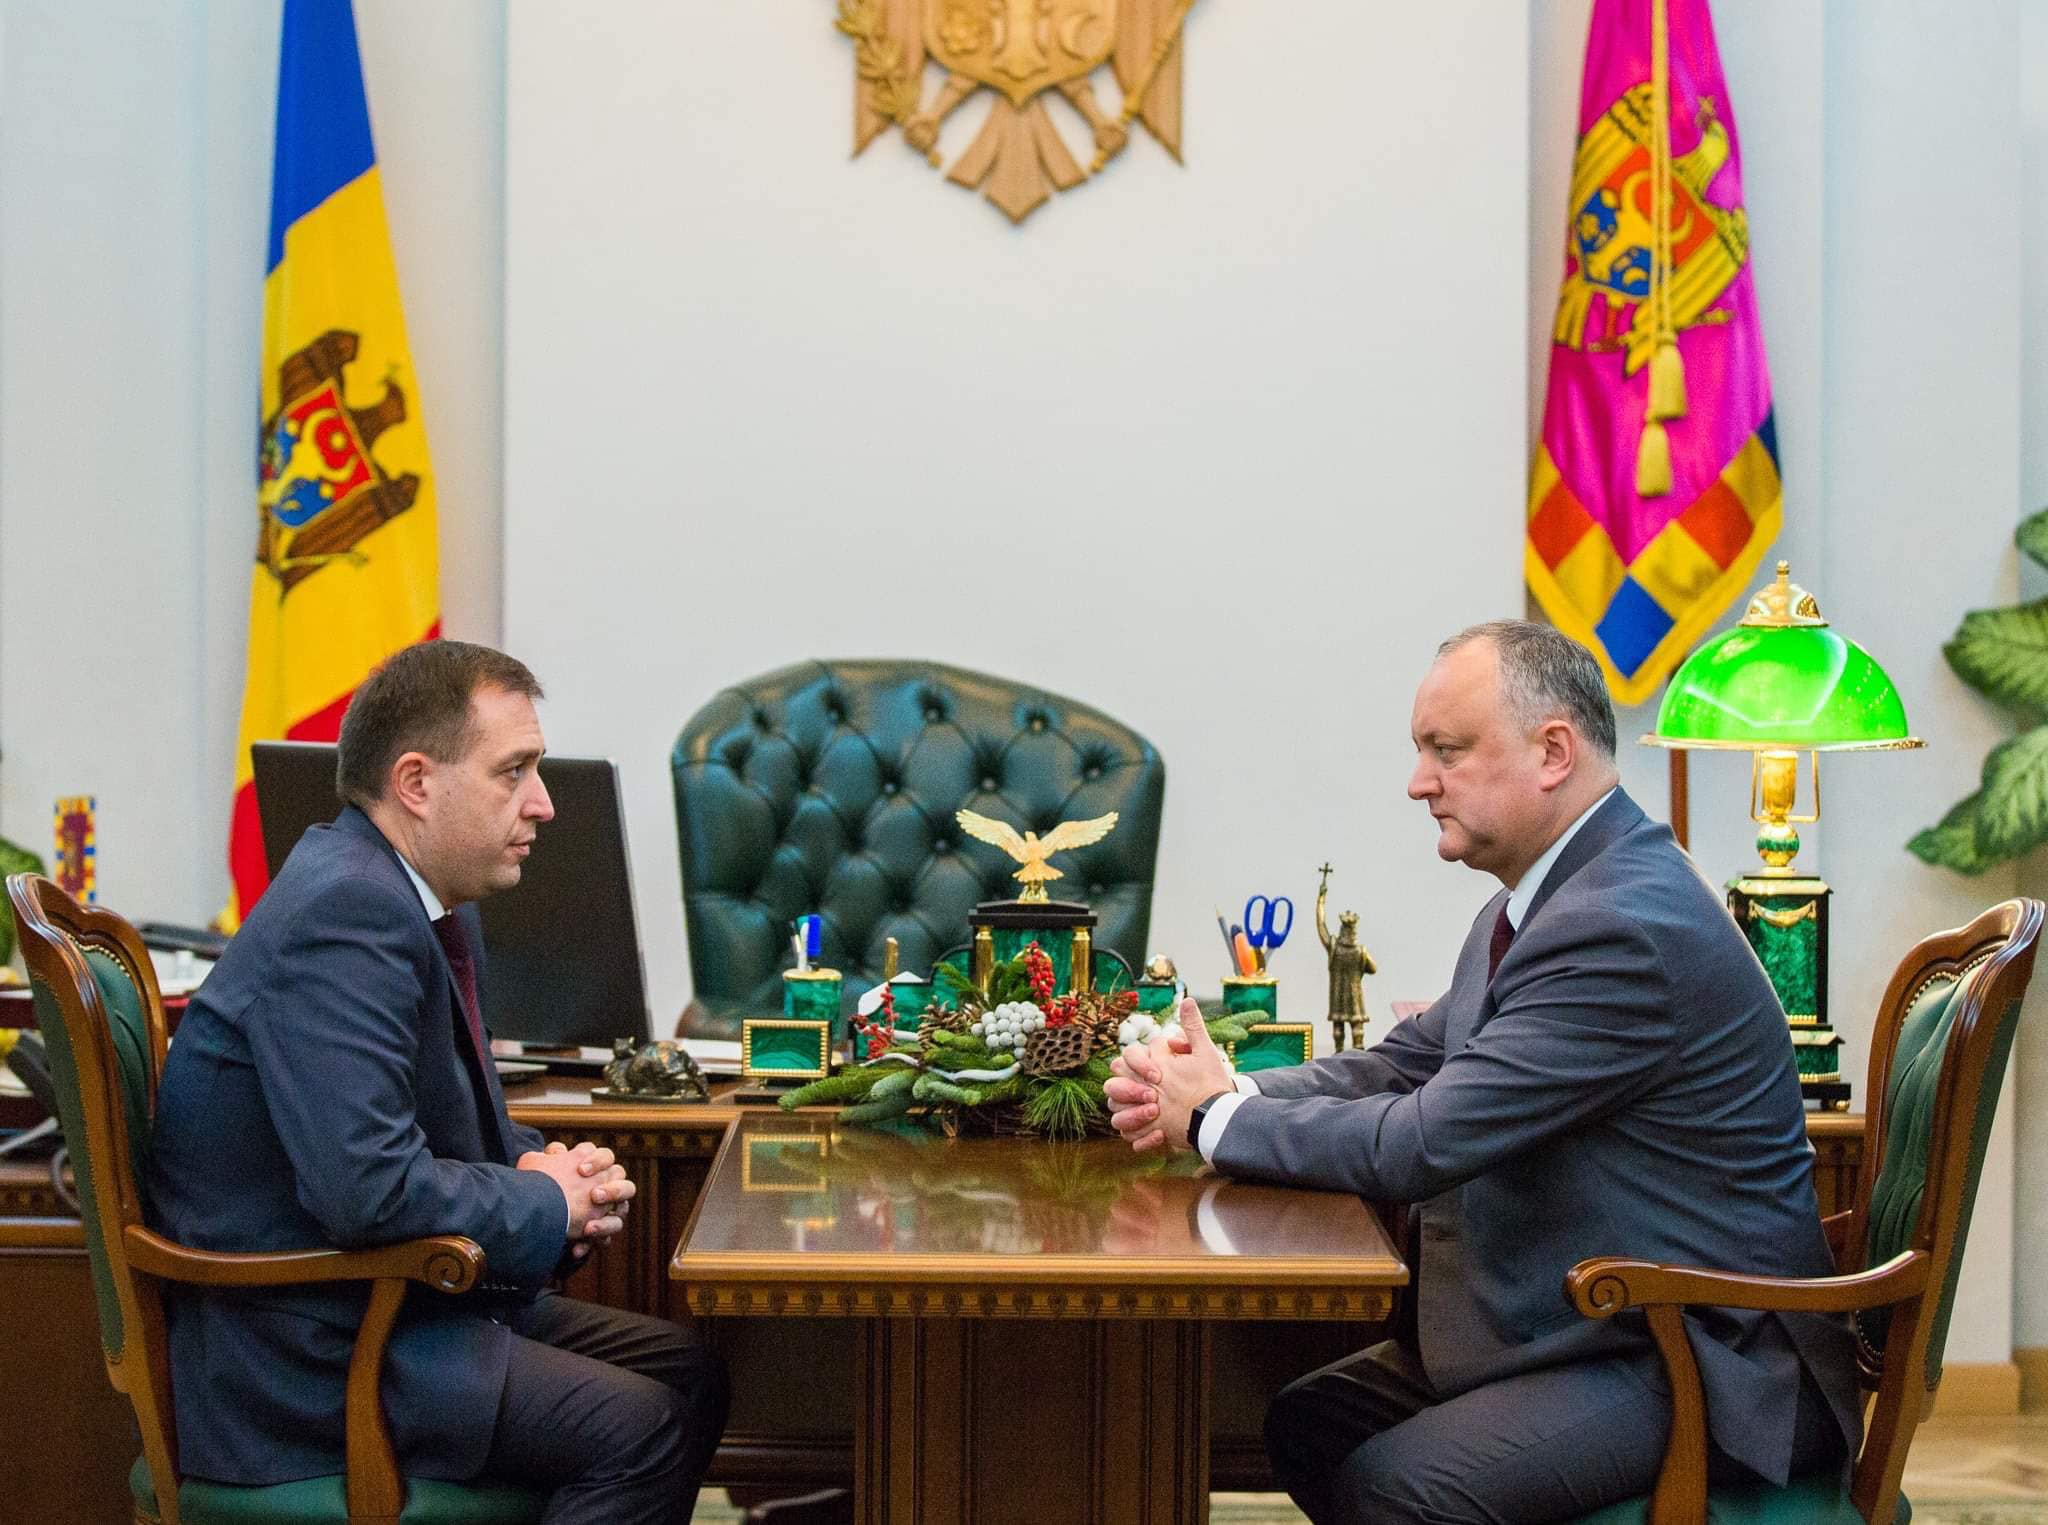 Впервые в истории Молдовы: назначен советник президента по межэтническим отношениям (ФОТО)